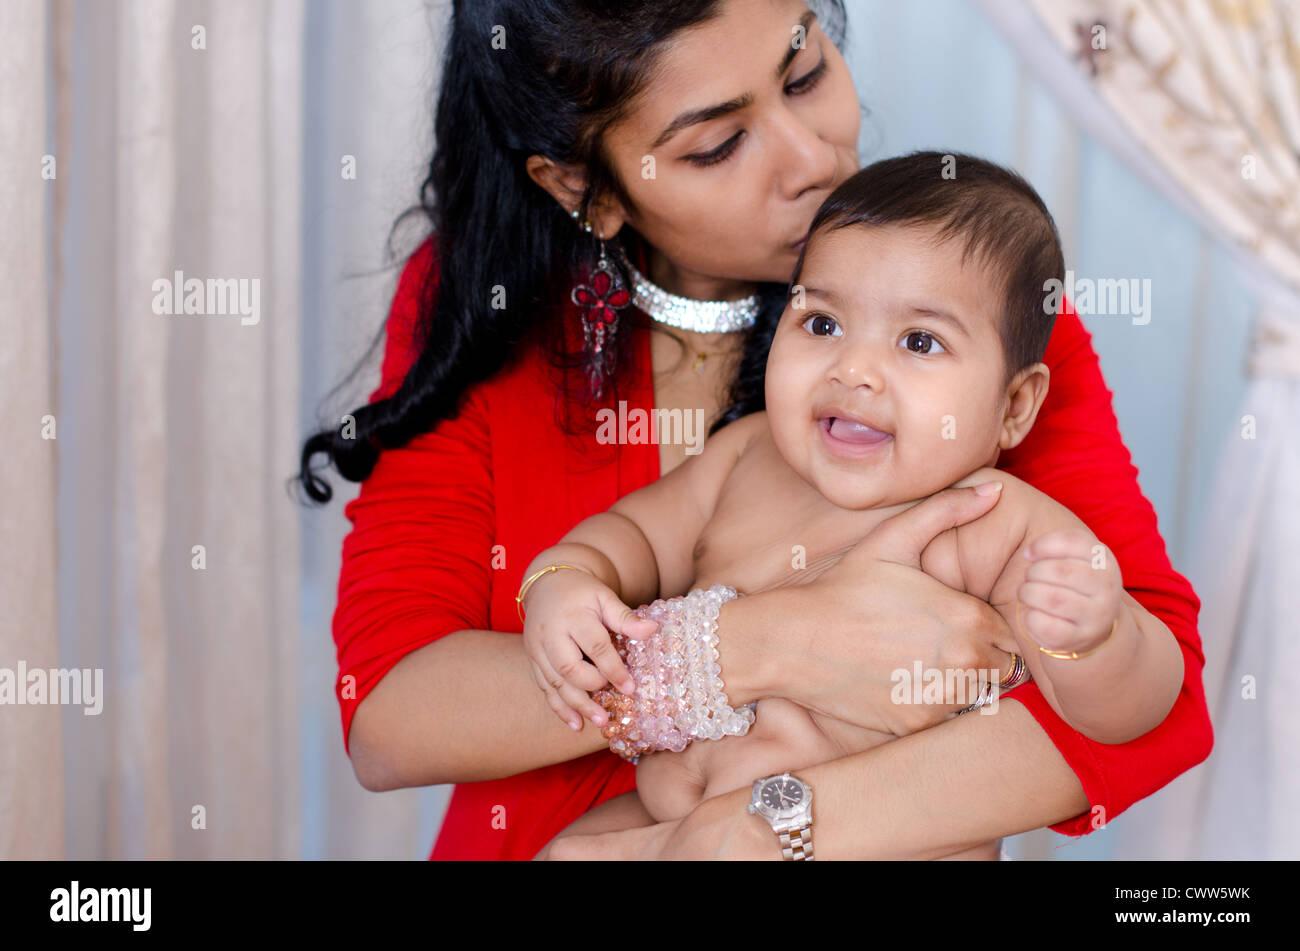 Indische Mutter küssen ihr Babymädchen, indoor Stockbild